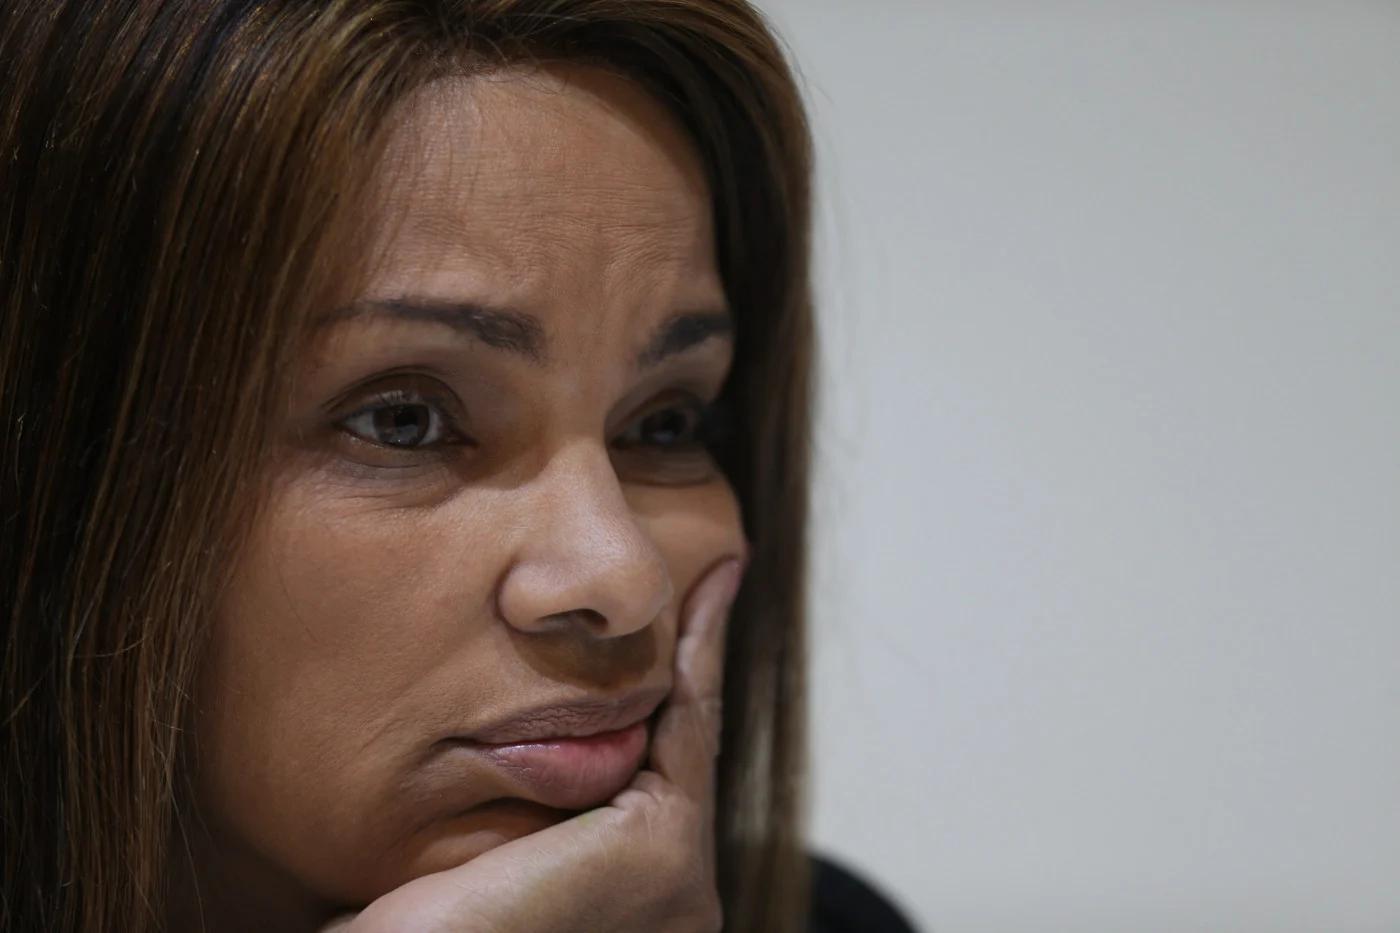 CONSELHO DE ÉTICA DA CÂMARA VOTA CASSAÇÃO DE FLORDELIS NESTA TERÇA-FEIRA